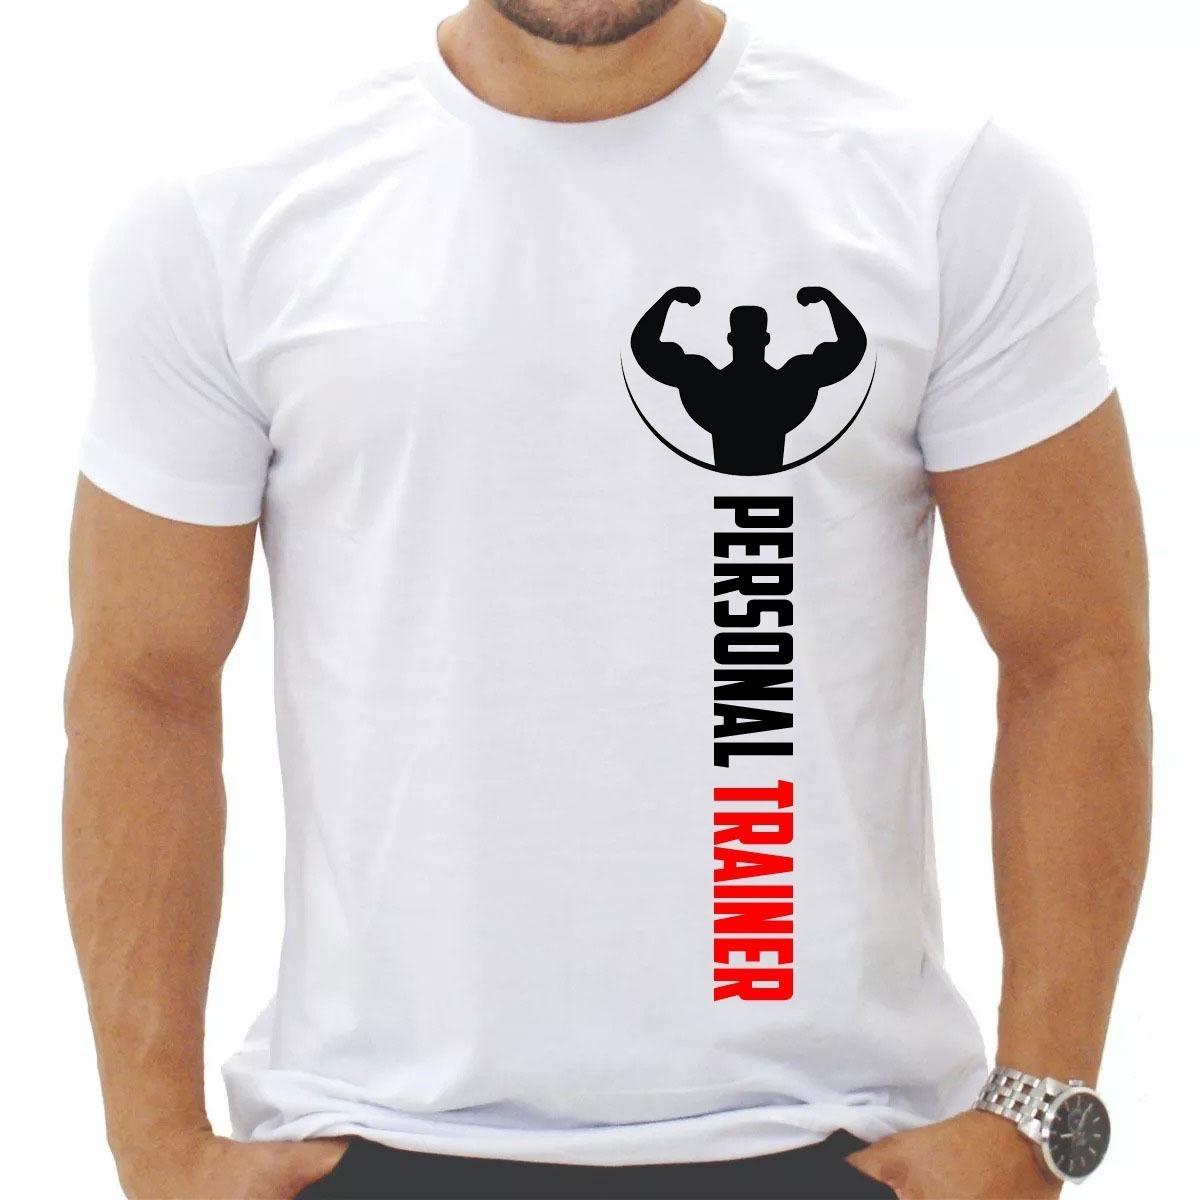 2d35b9a58 camiseta estampada personal trainer - preço imperdível. Carregando zoom.